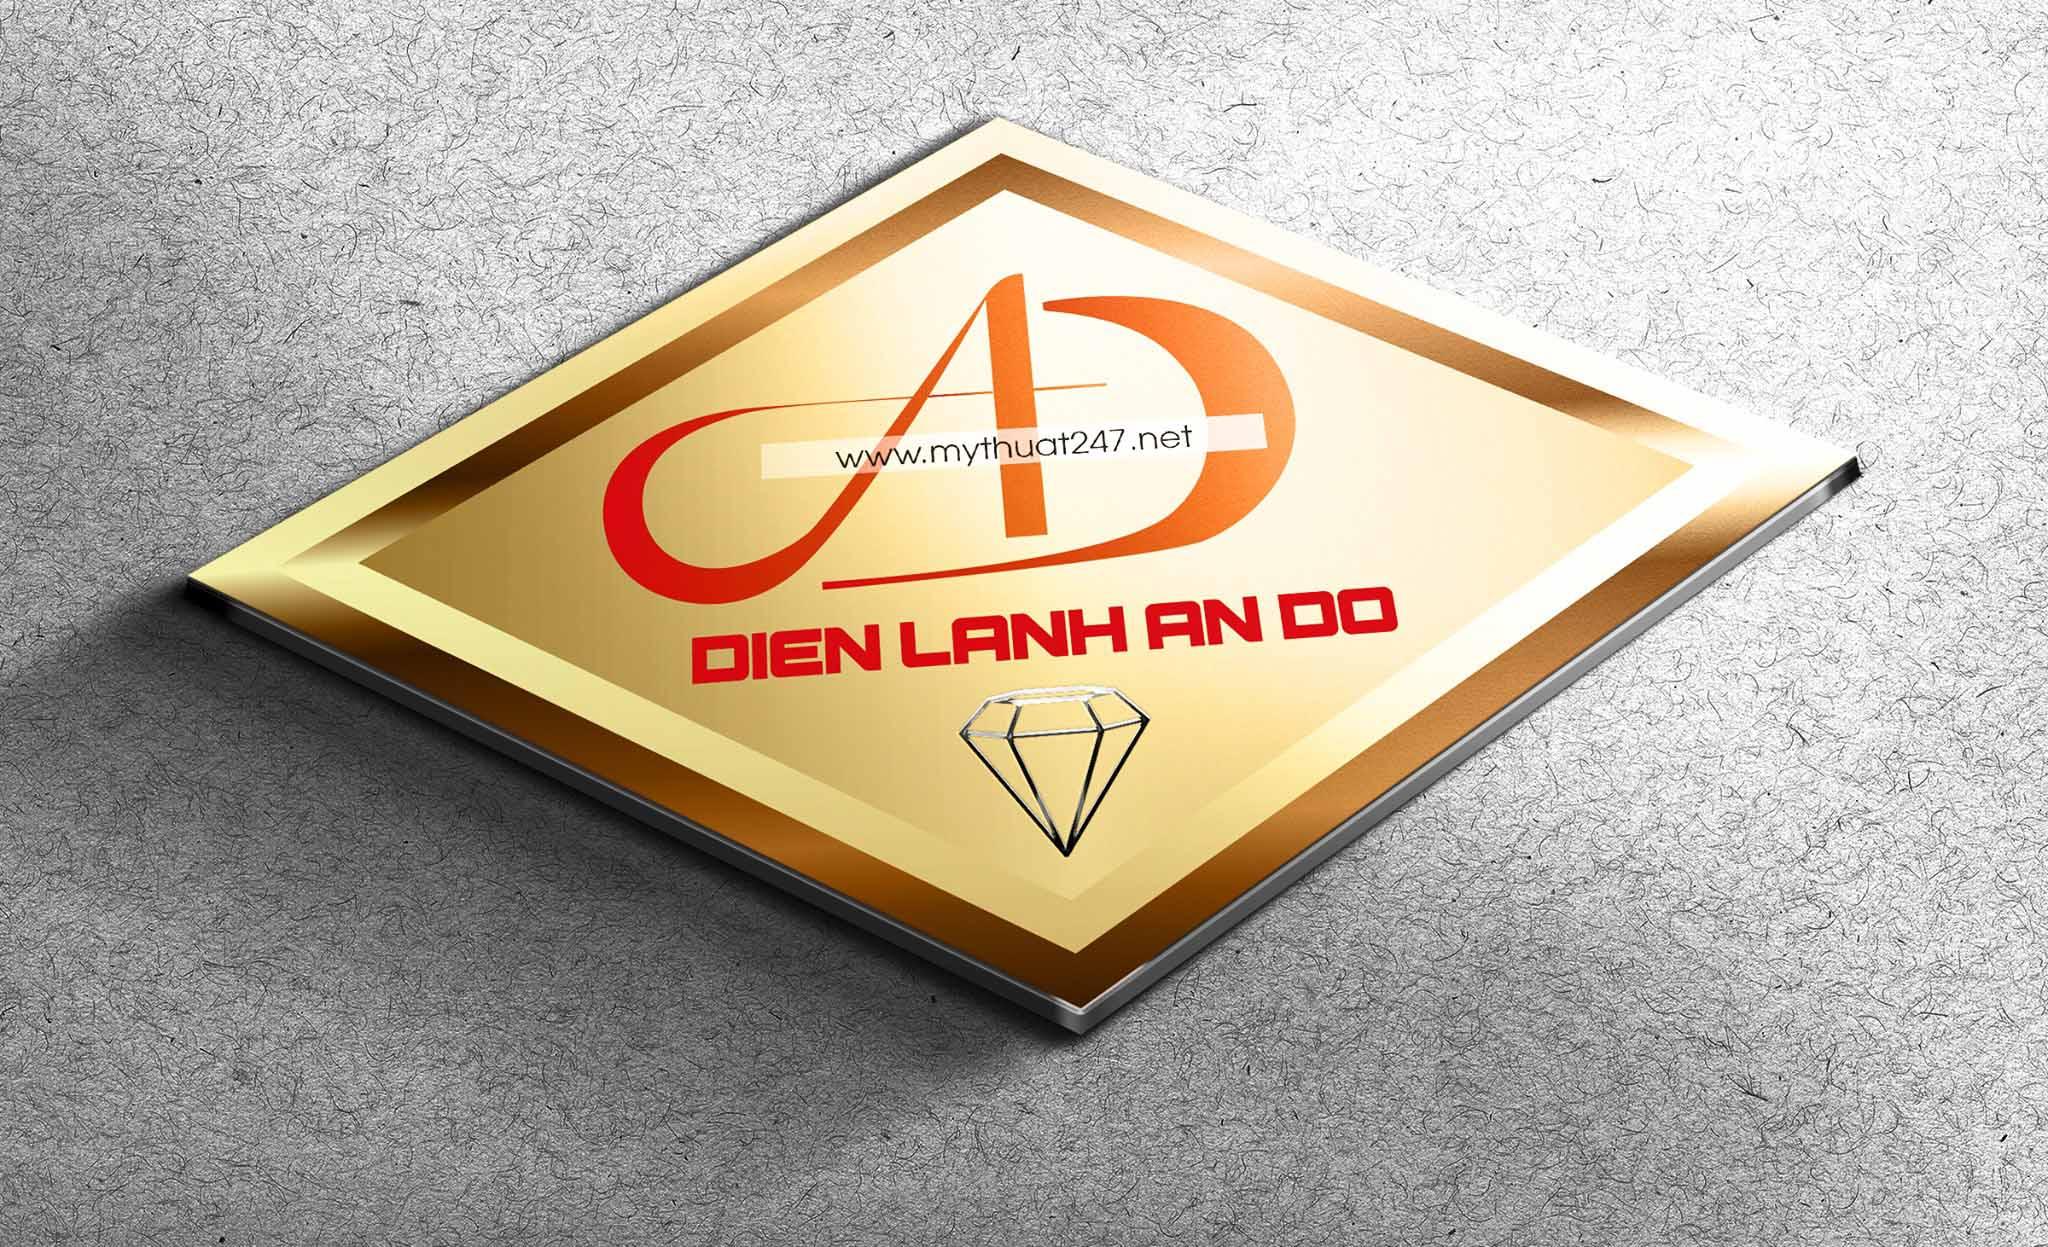 Thiết kế logo công ty điện lạnh an đô